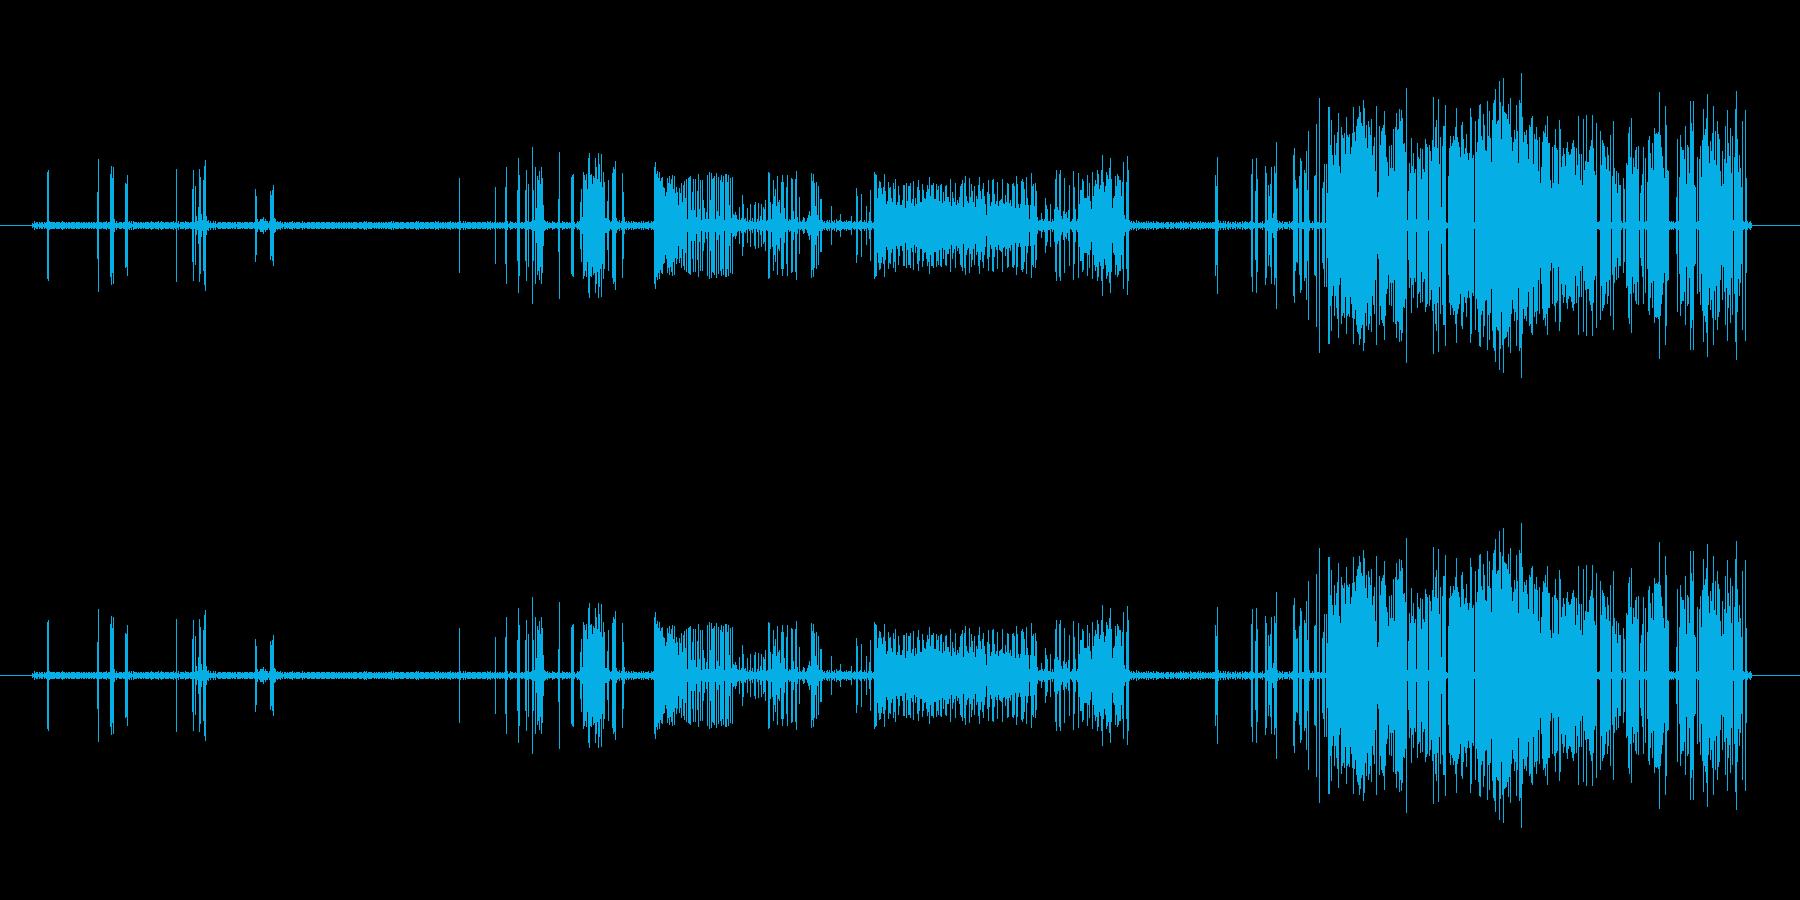 だんだんひどくなるノイズの再生済みの波形